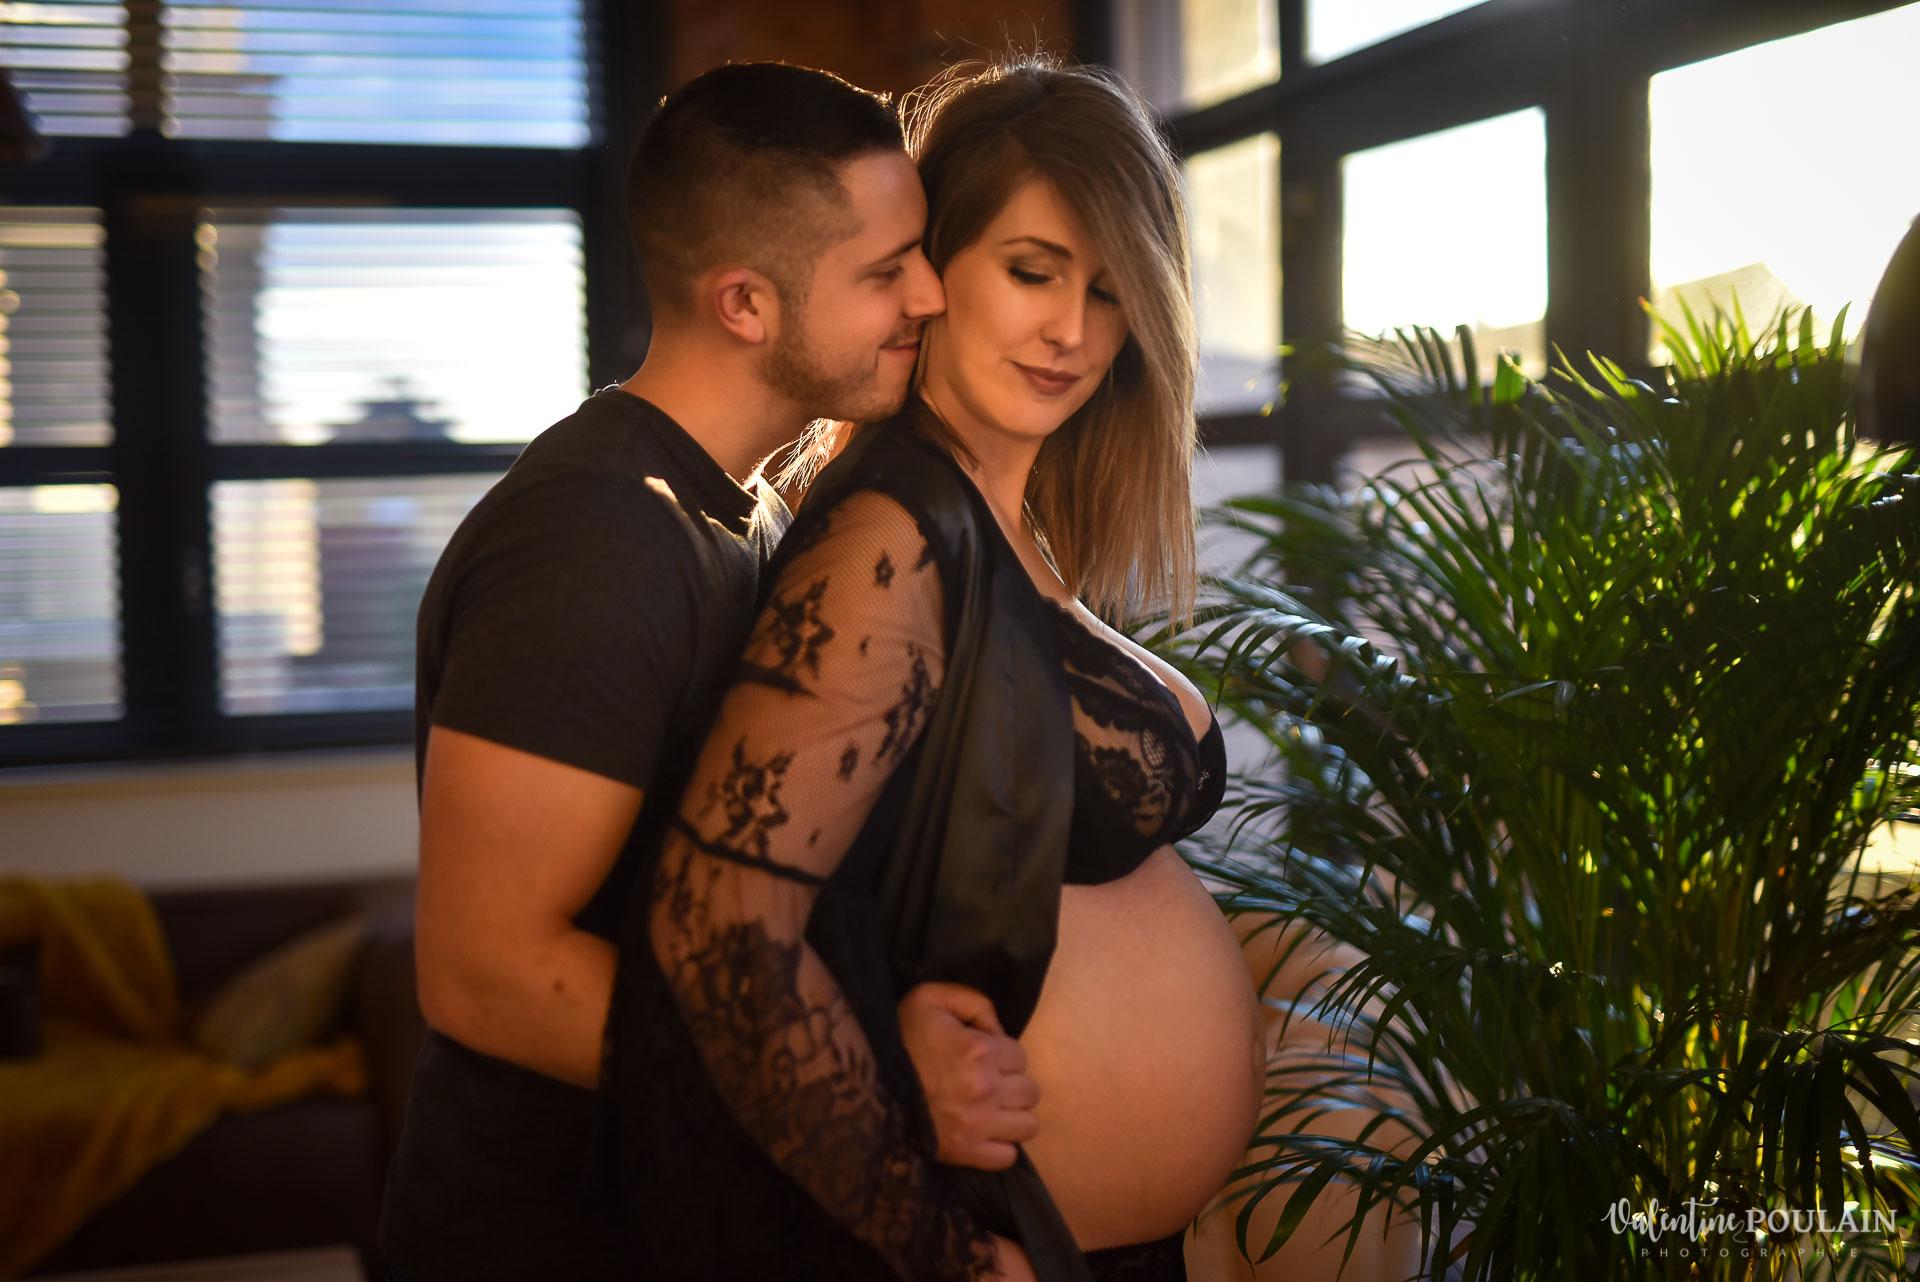 Boudoir grossesse couple - Valentine Poulain complices